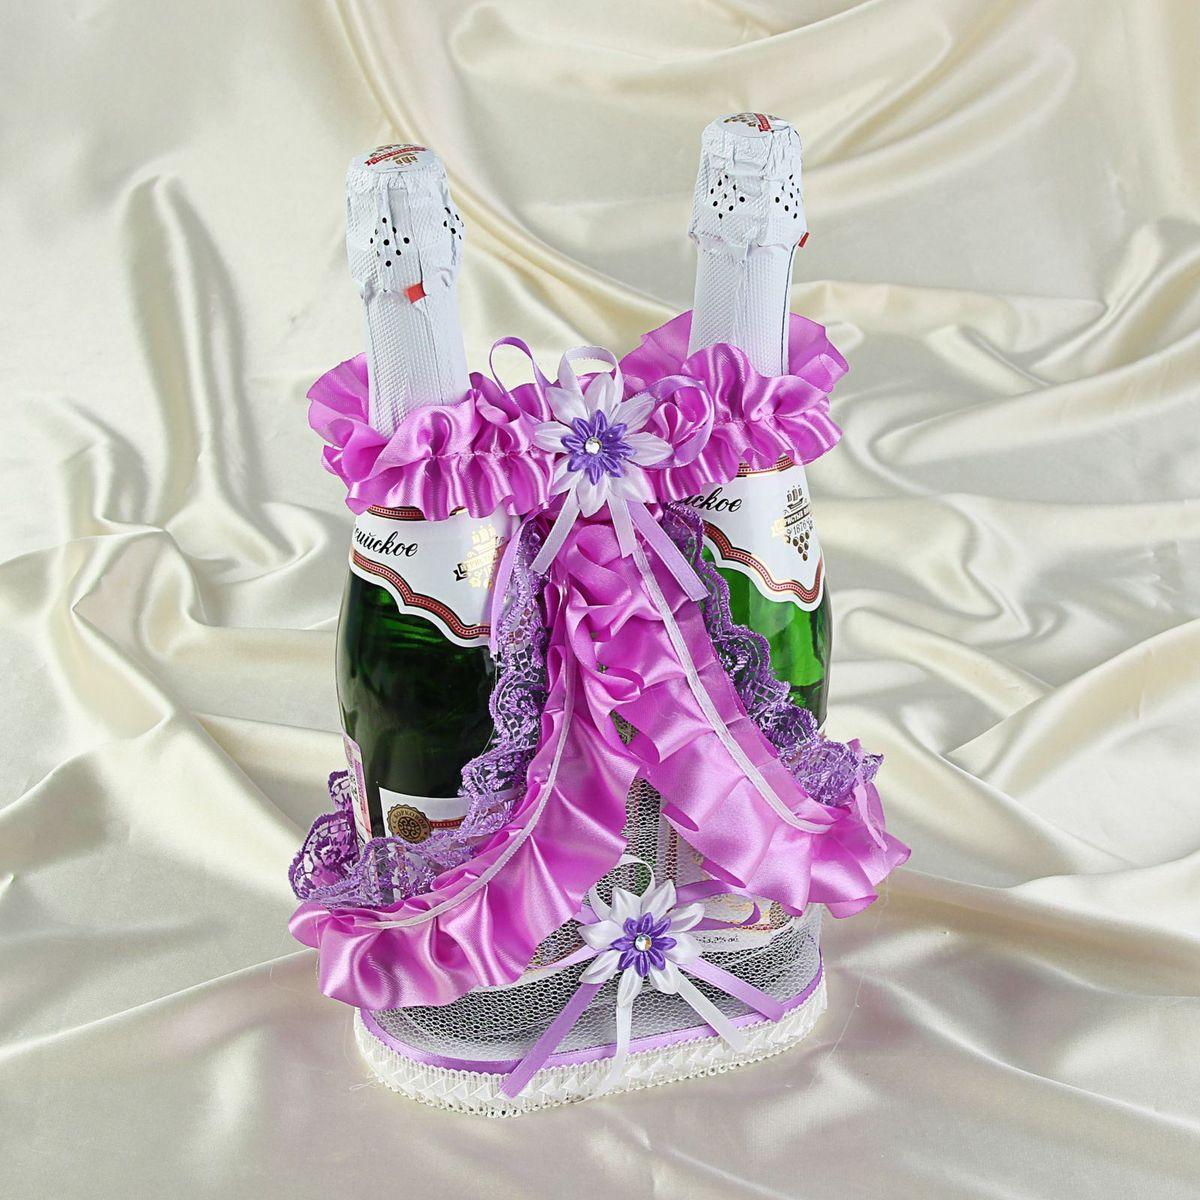 Корзинка для шампанского Sima-land1247454Красиво оформленный свадебный стол - это эффектное, неординарное и очень значимое обрамление для проведения любого запланированного вами торжества. Корзинка для шампанского Sima-land - это красивое и оригинальное украшение зала, которое дополнит выдержанный стиль мероприятия и передаст праздничное настроение вам и вашим гостям.